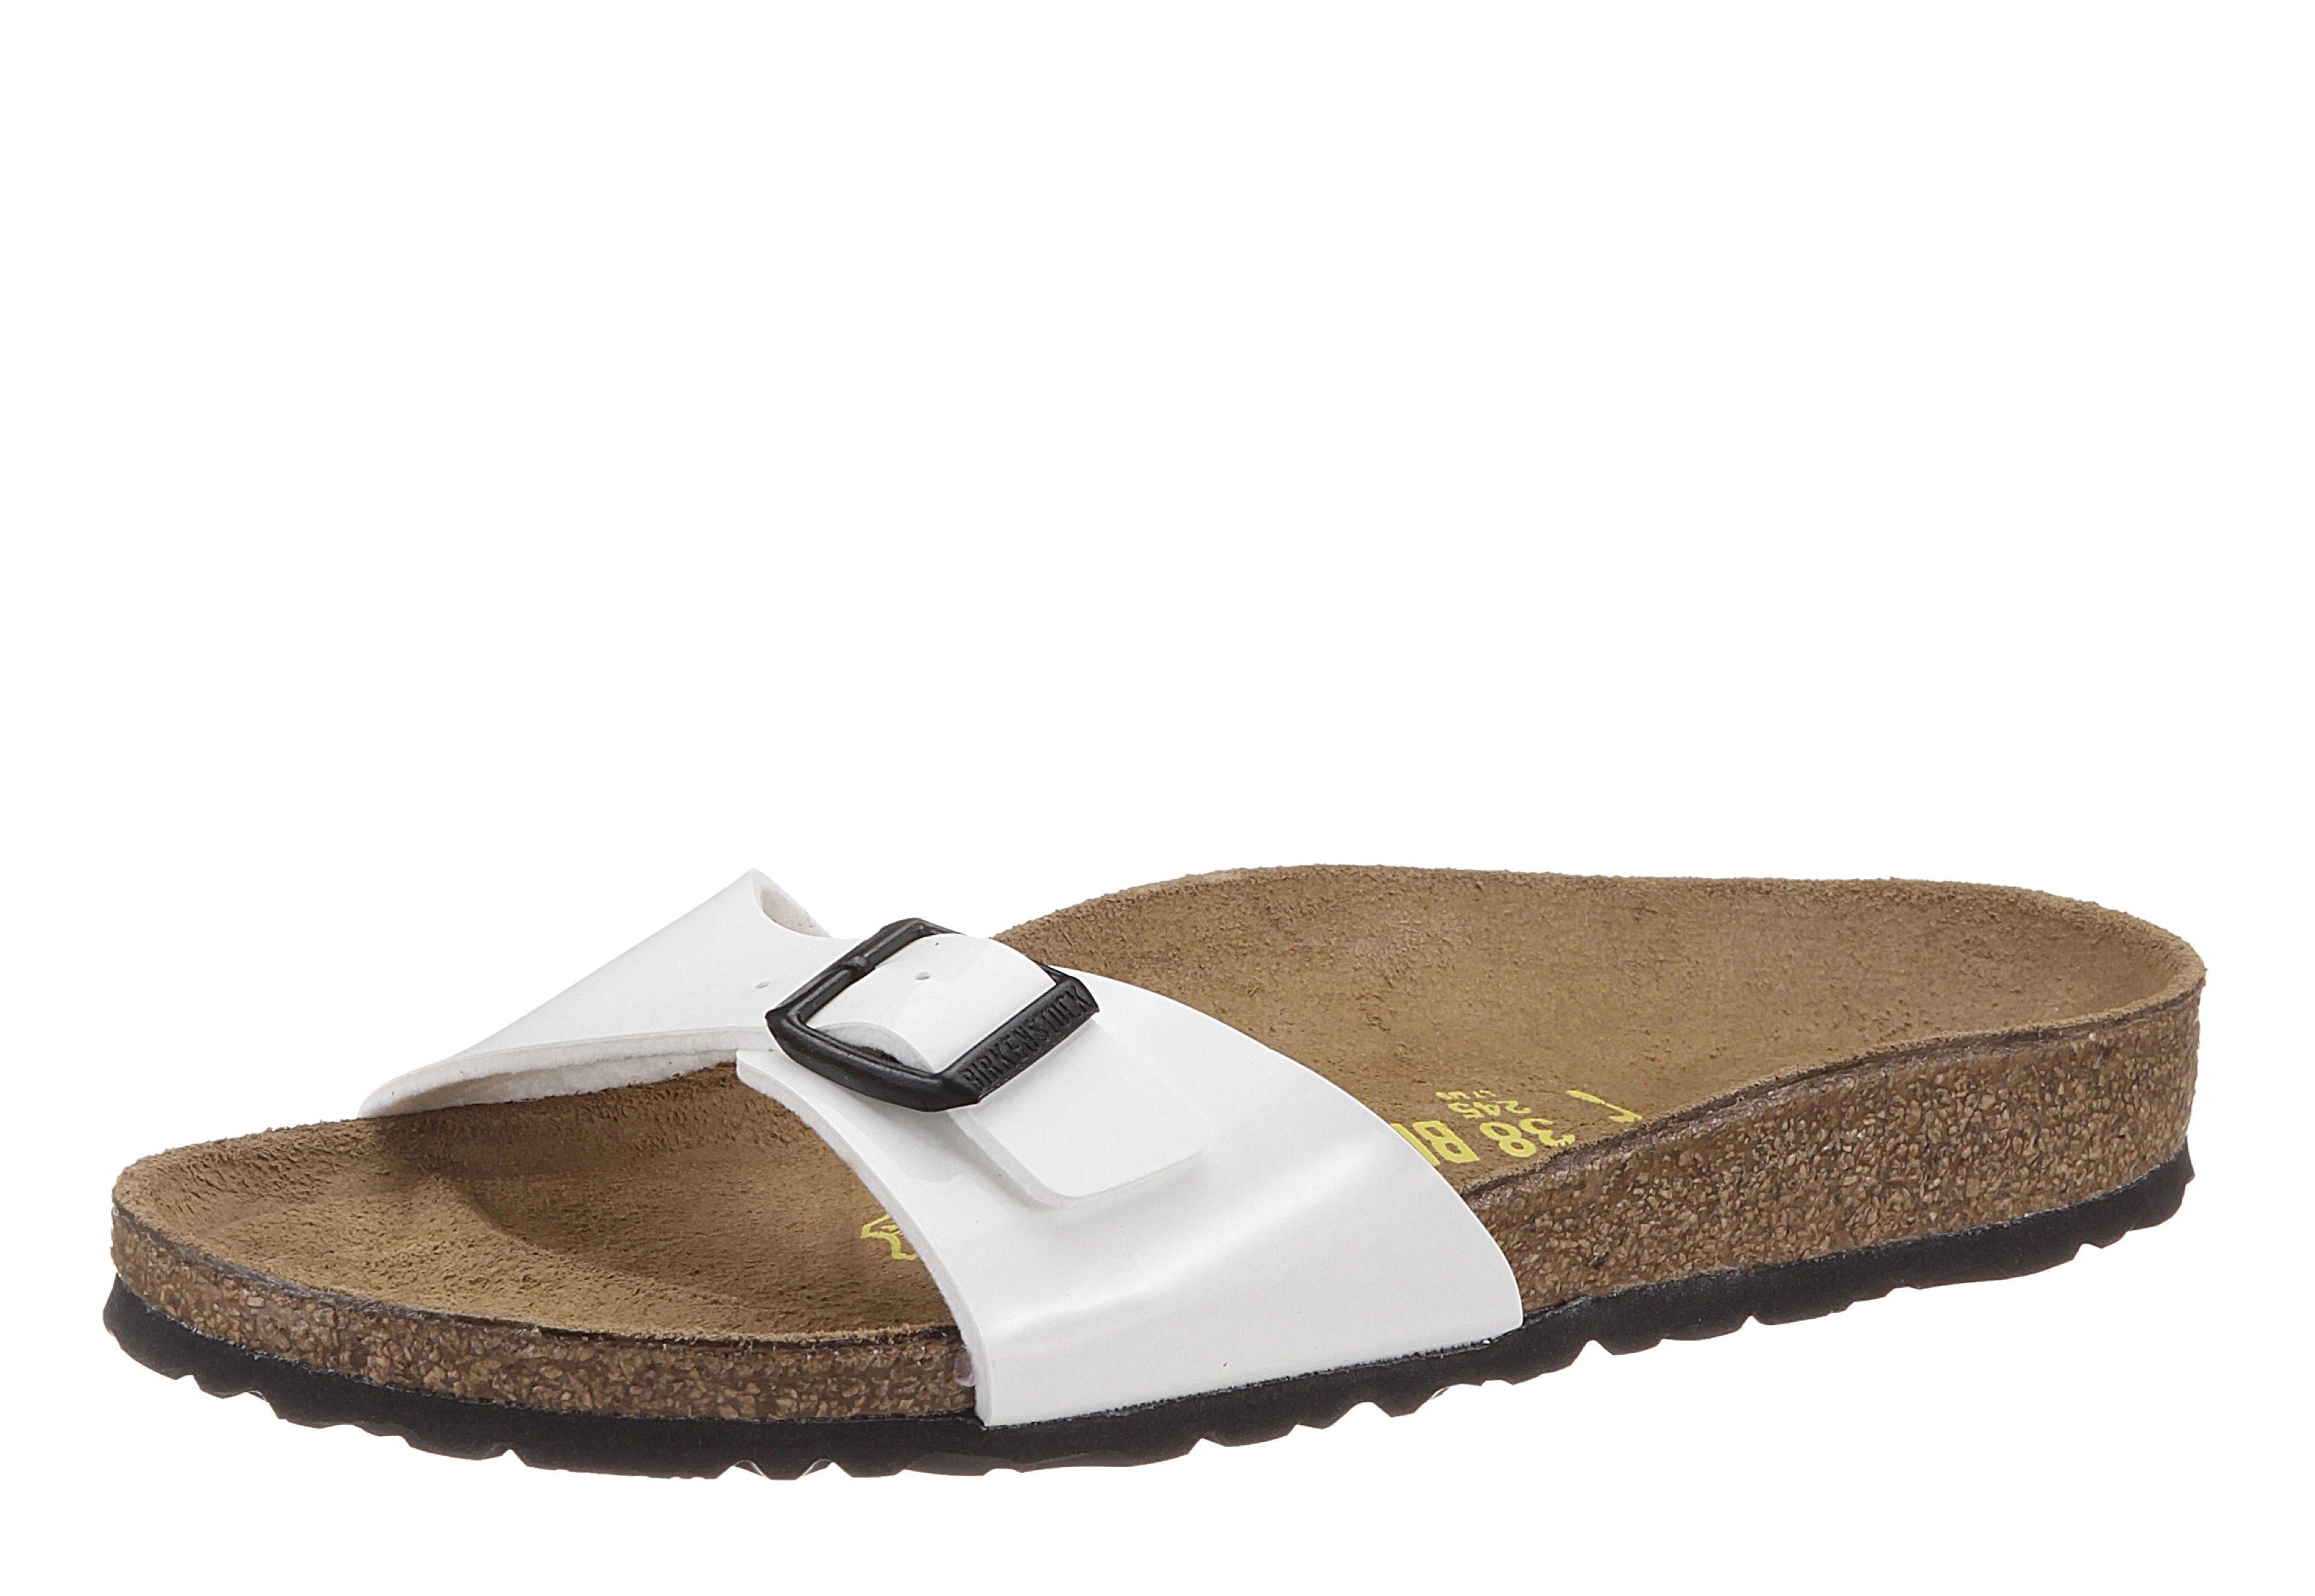 Birkenstock MADRID Pantolette, in schmaler Schuhweite, Lack-Optik! online kaufen  weiß